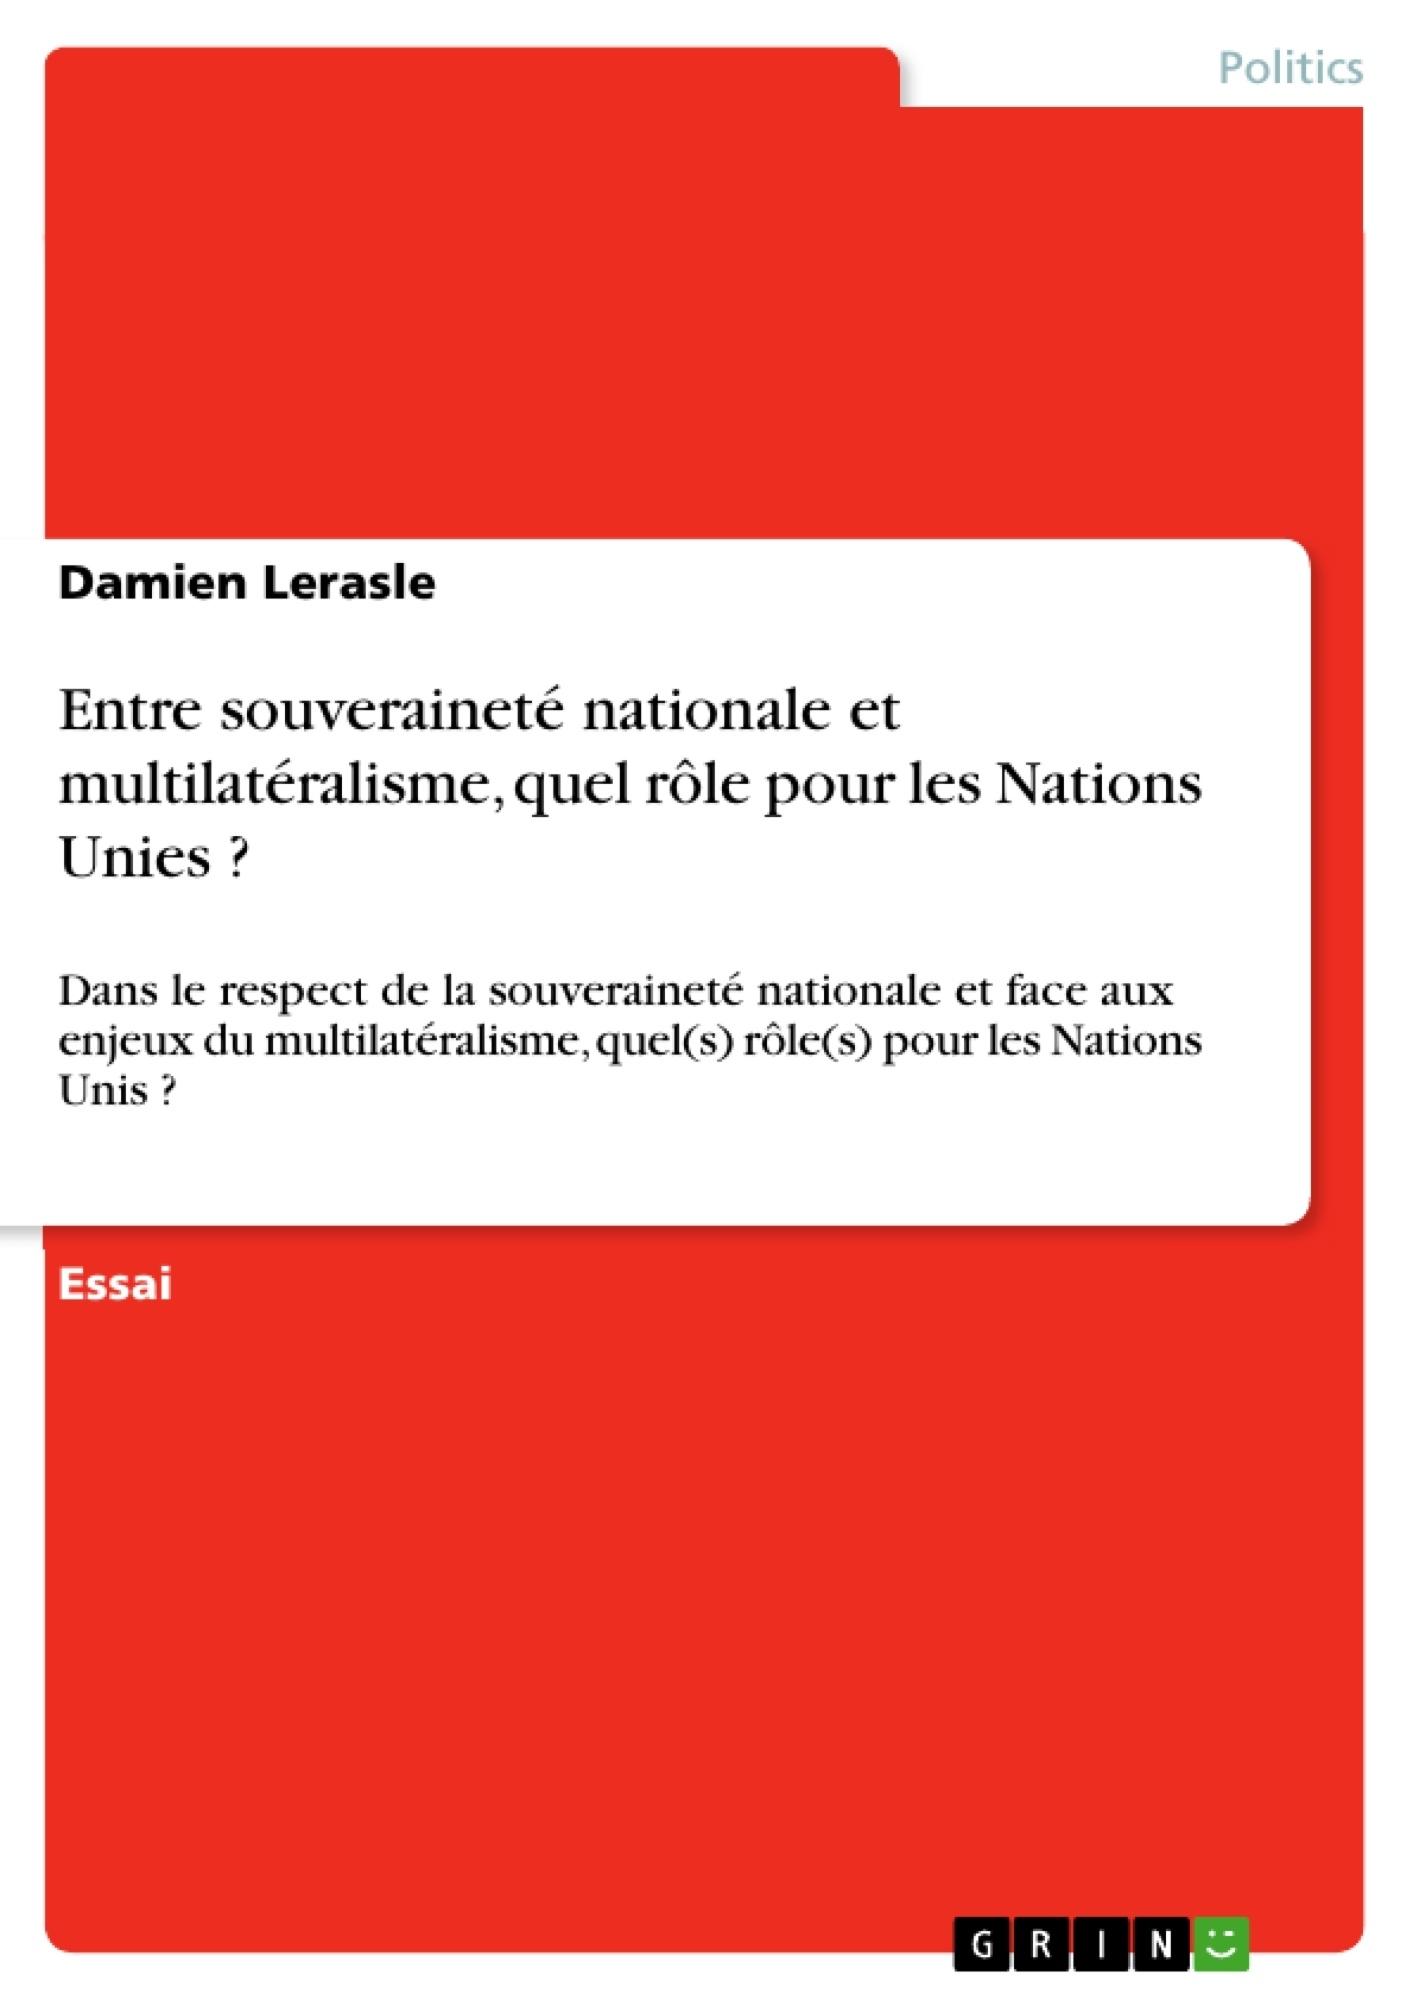 Titre: Entre souveraineté nationale et multilatéralisme, quel rôle pour les Nations Unies ?